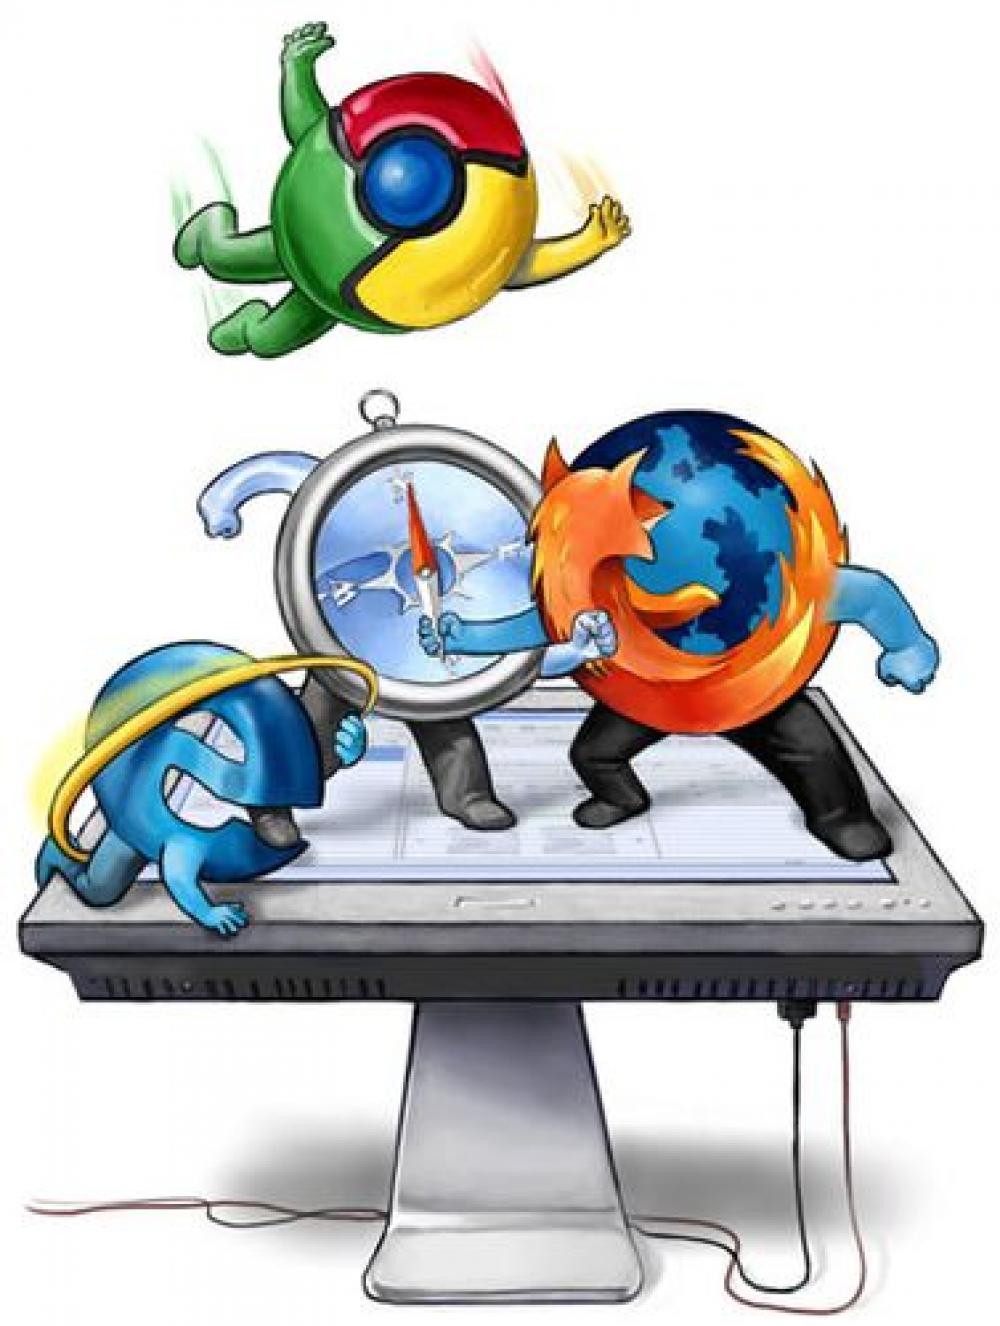 Εχασε (και) την παγκόσμια 1η ο Internet Explorer